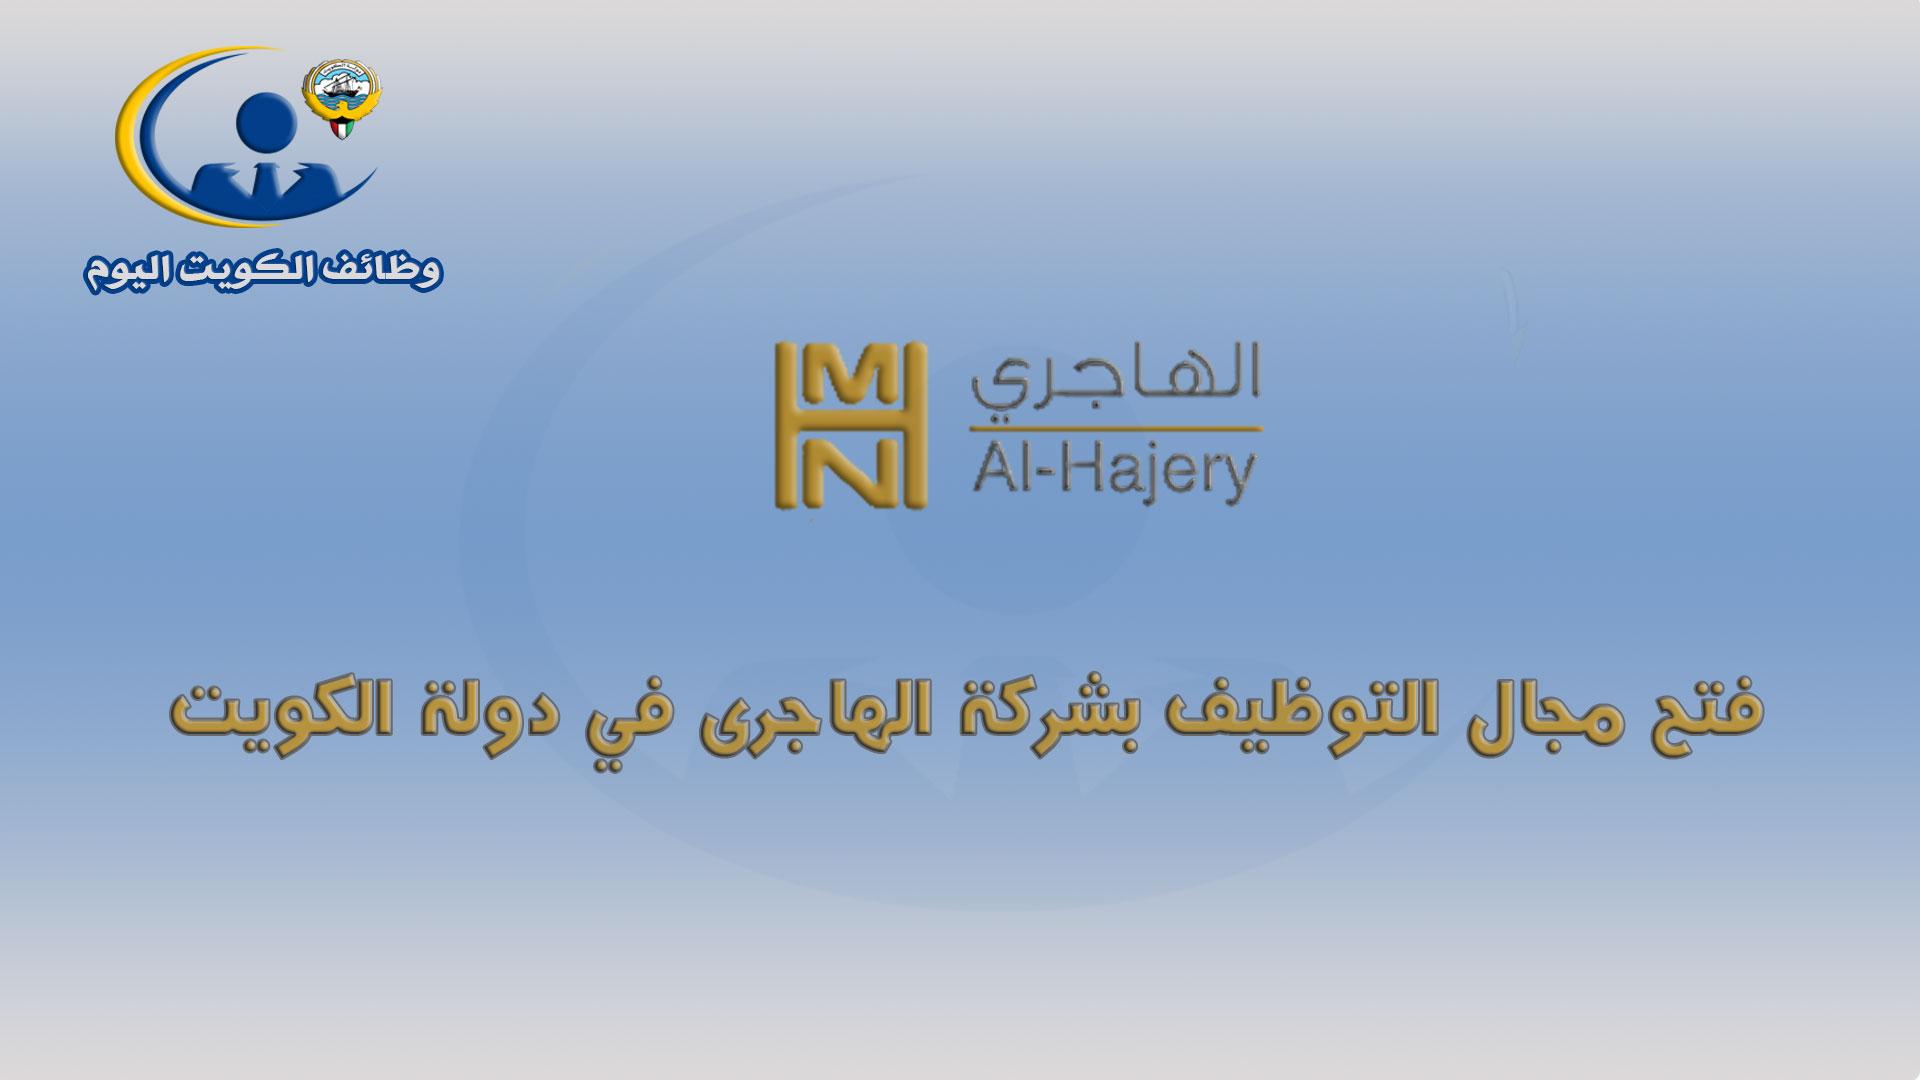 فتح مجال التوظيف بشركة الهاجرى في دولة الكويت اليوم 27 إبريل 2021